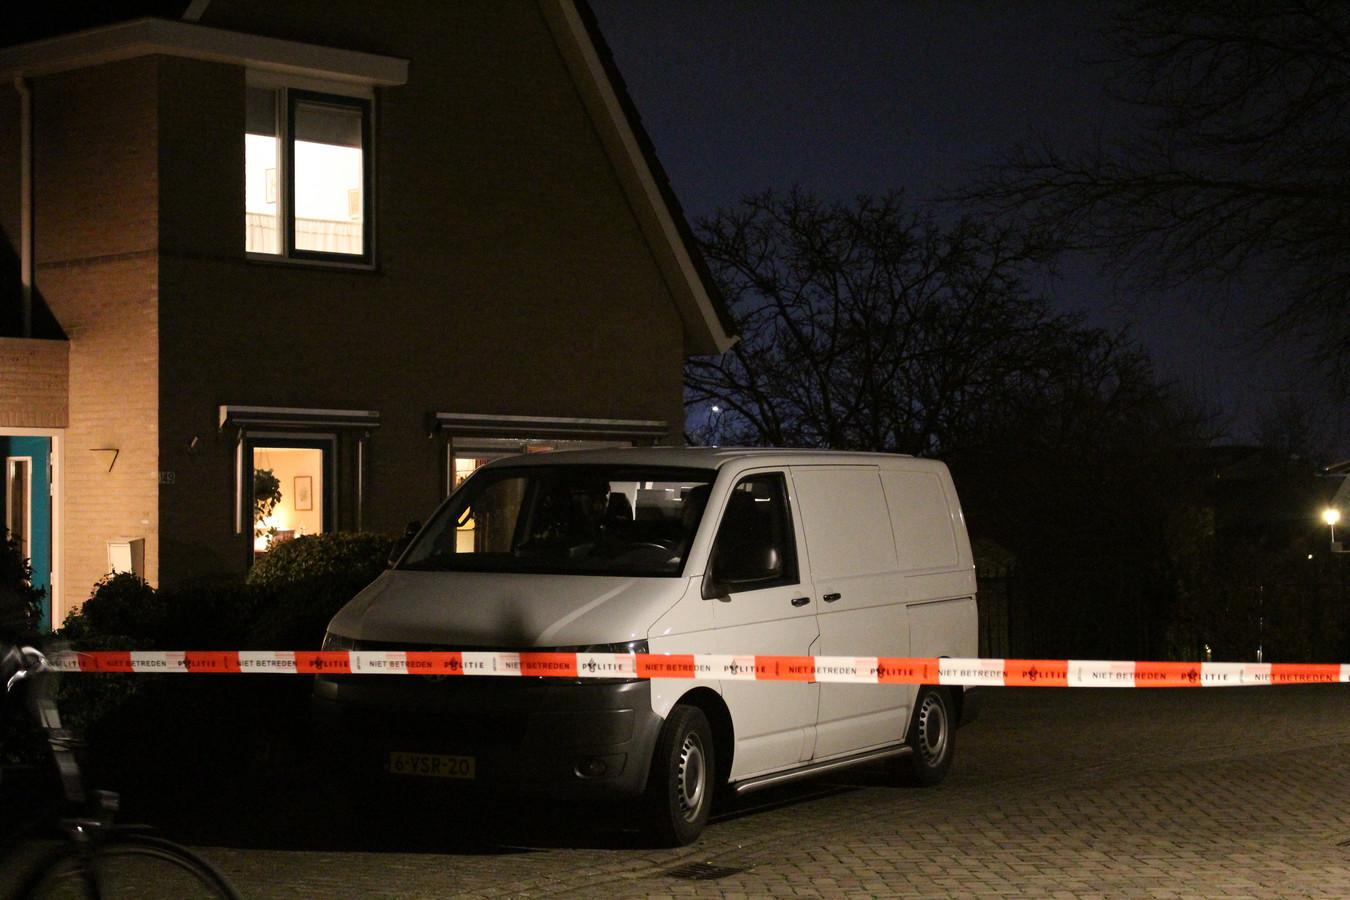 De woning van het oudere echtpaar aan de Sint Nicolaasdijk dat in januari werd overvallen.